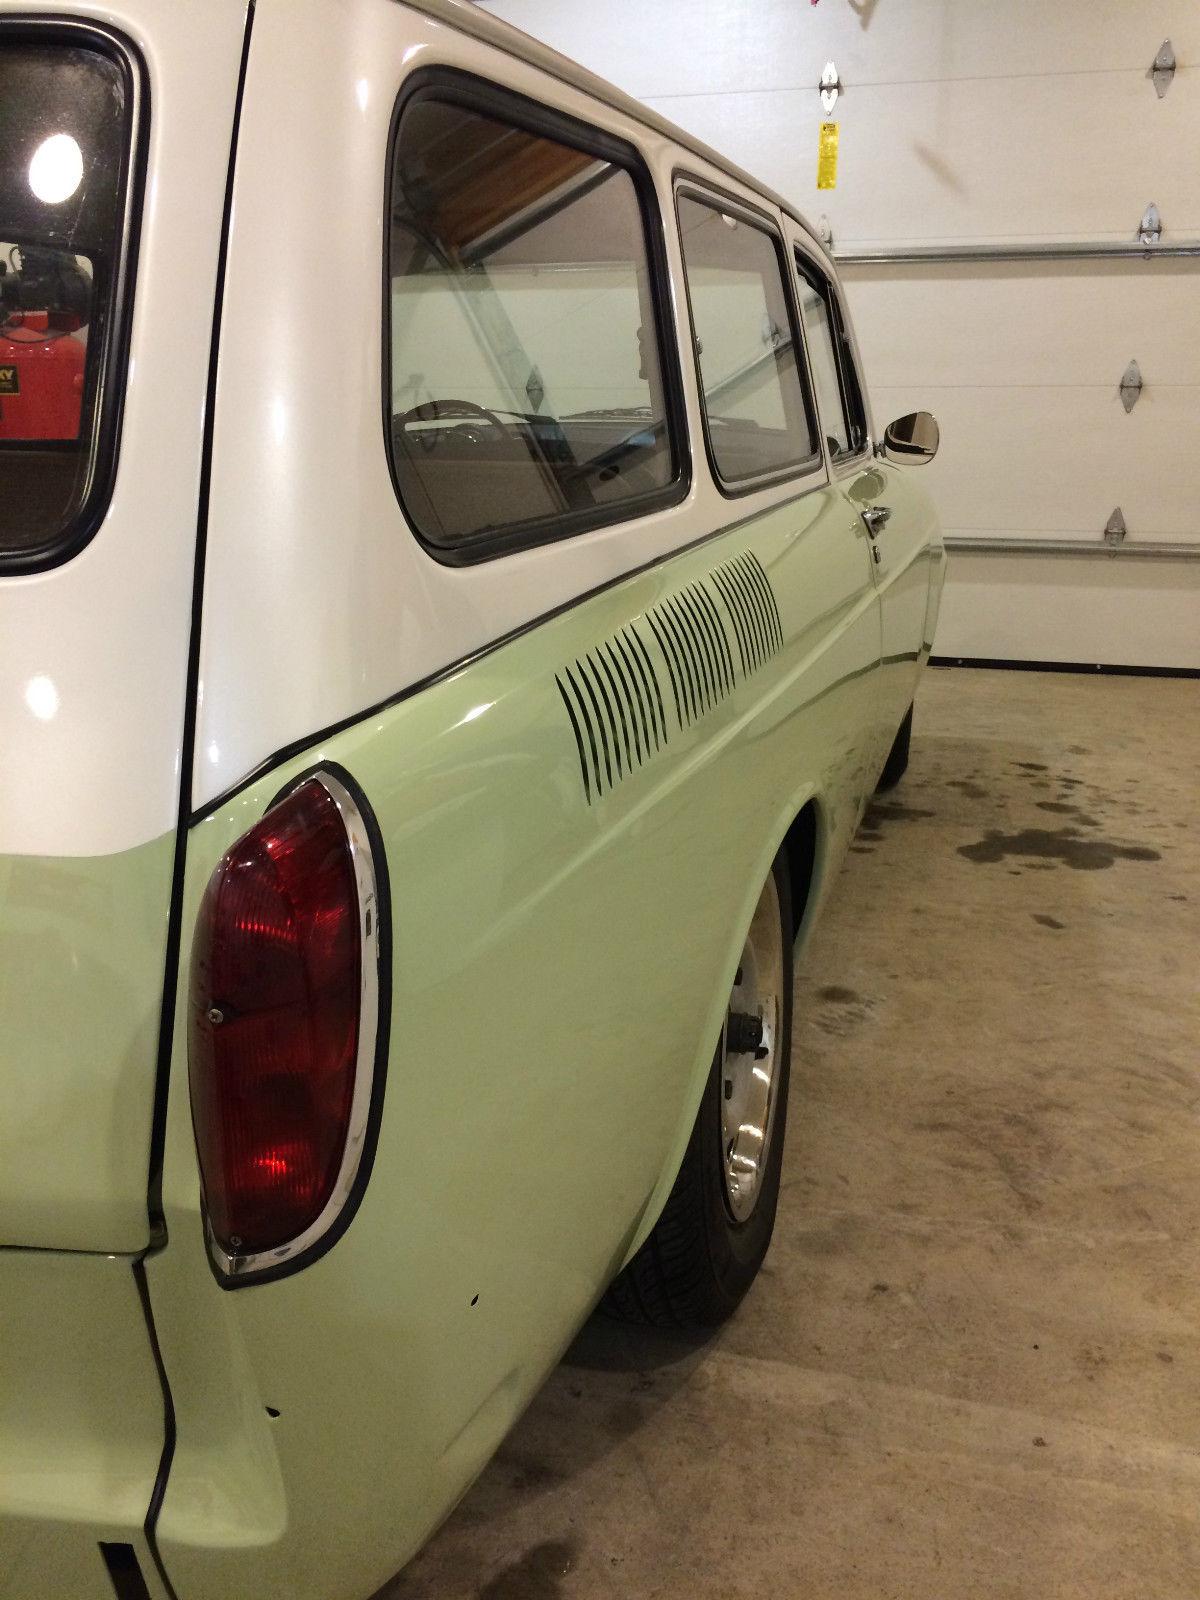 1968 Volkswagen Squareback Type 3 For Sale In Belfair